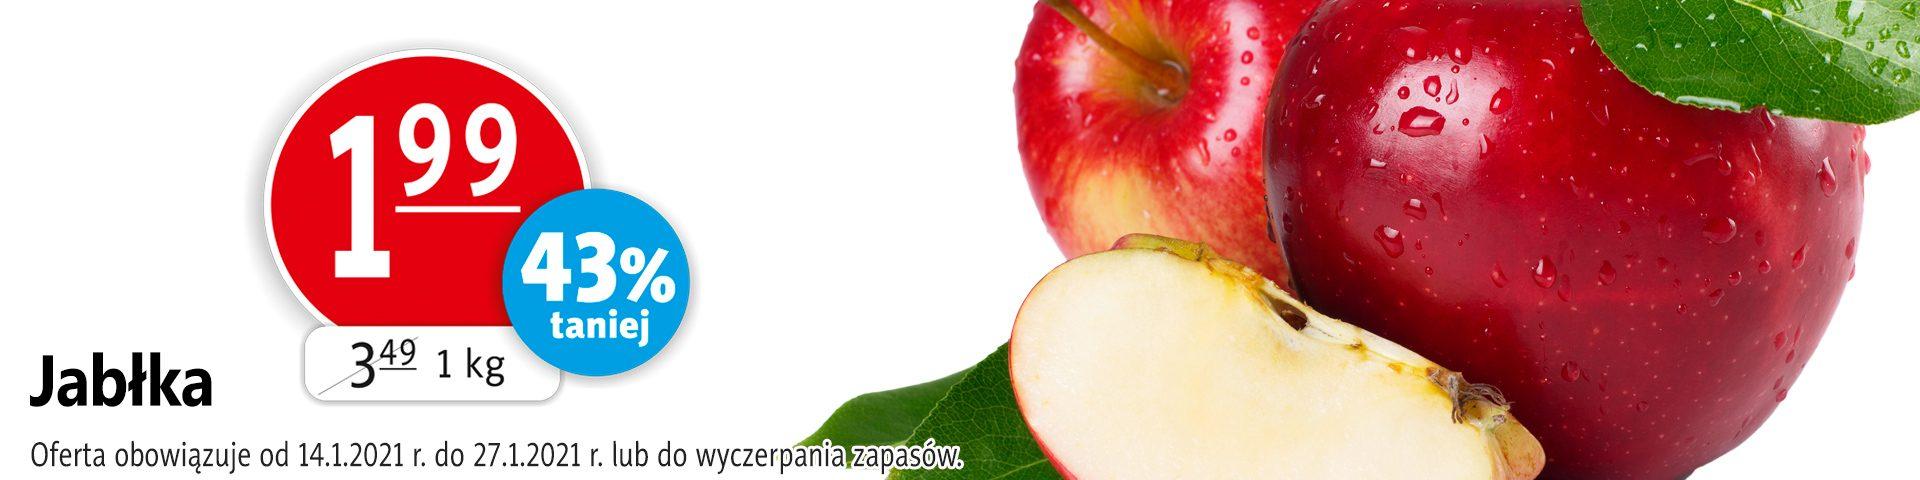 billbord_14.1.202-27.01.2021_jablka